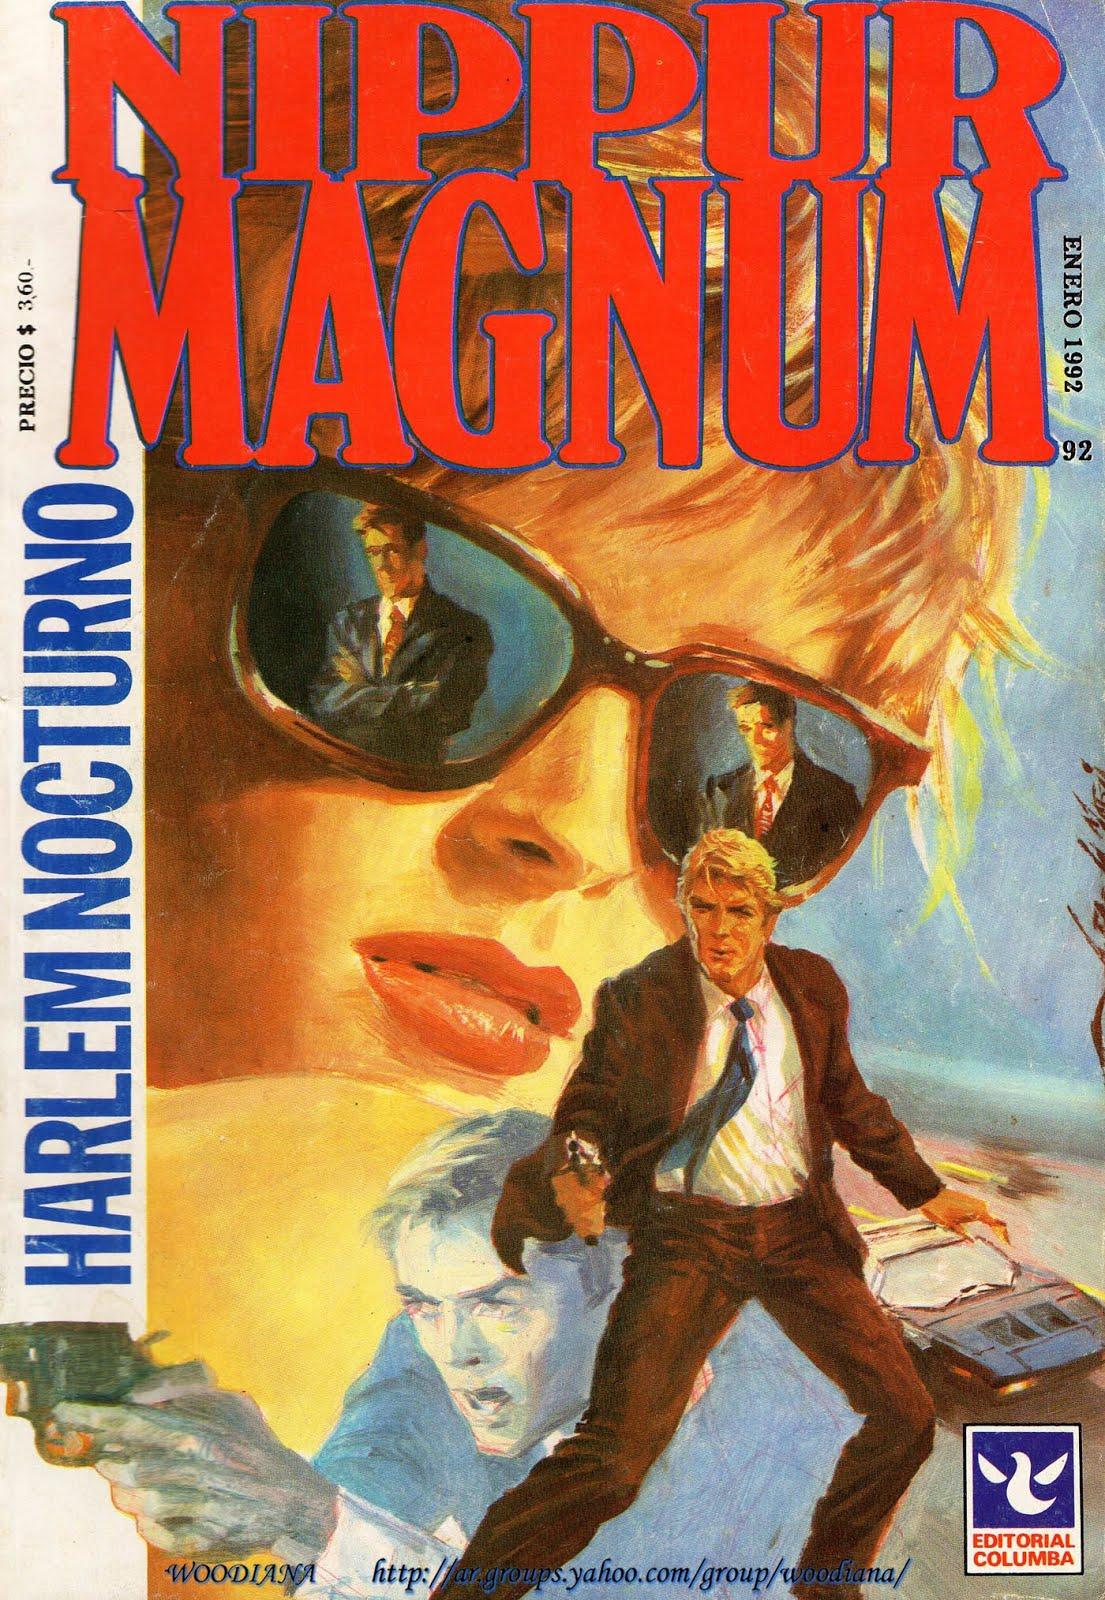 NiPPUR MAGNUM  ED. Columba - Argentina